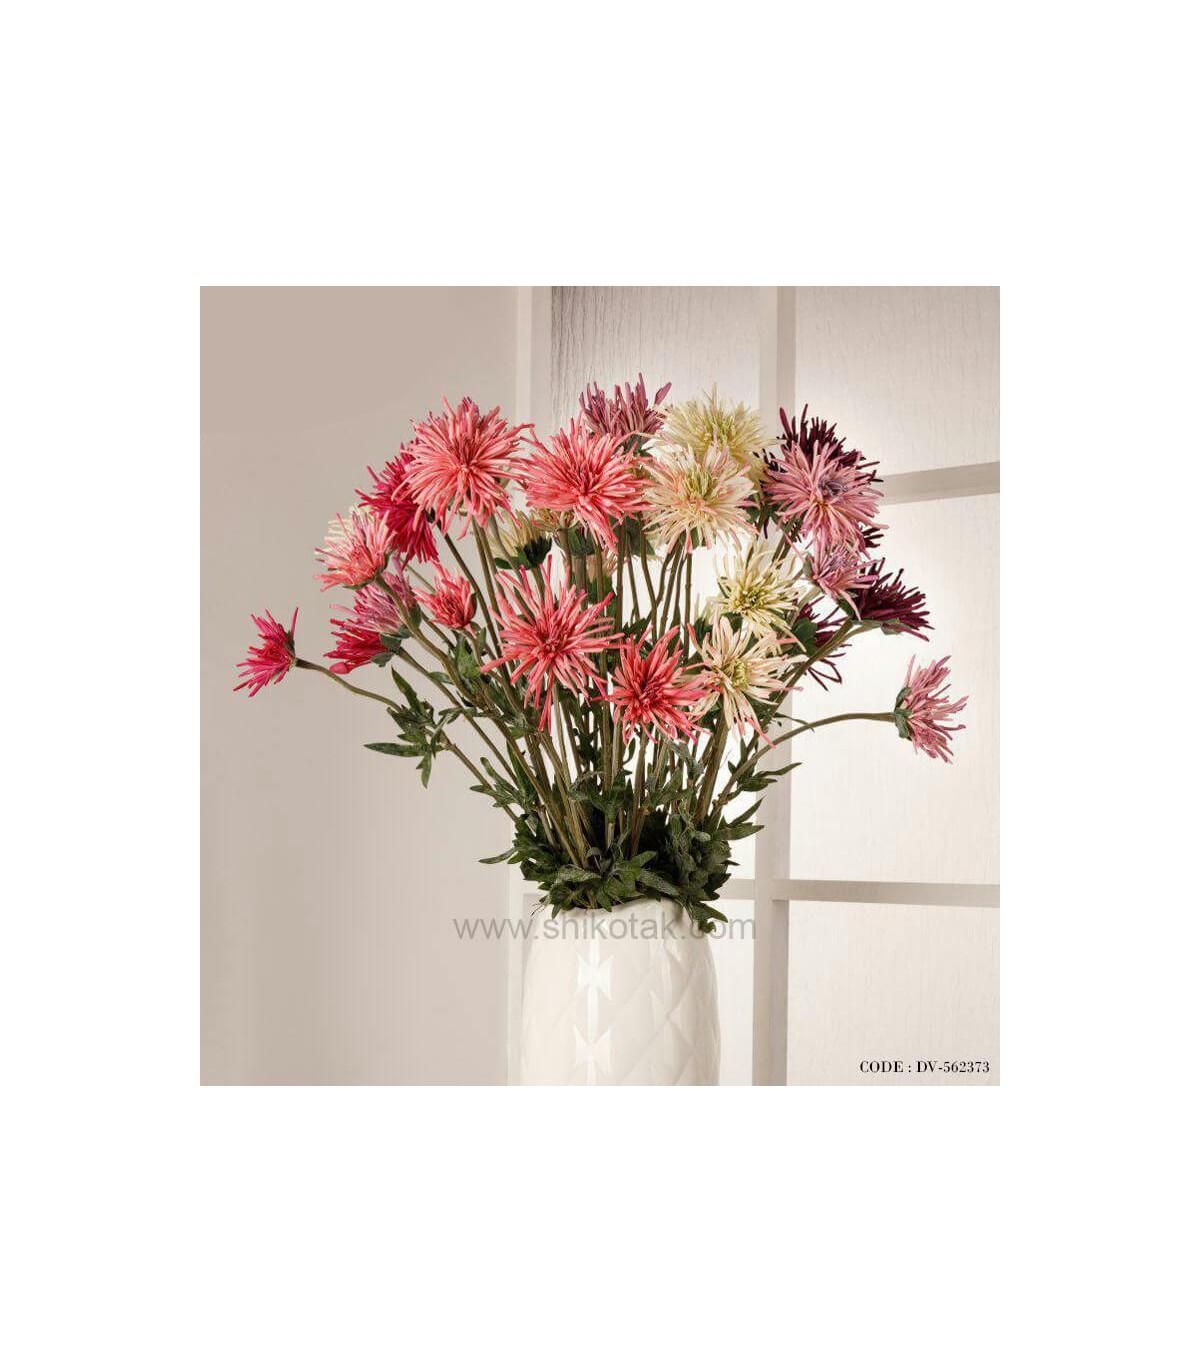 مدل گل مصنوعی شاخه ای داوودی فوجی